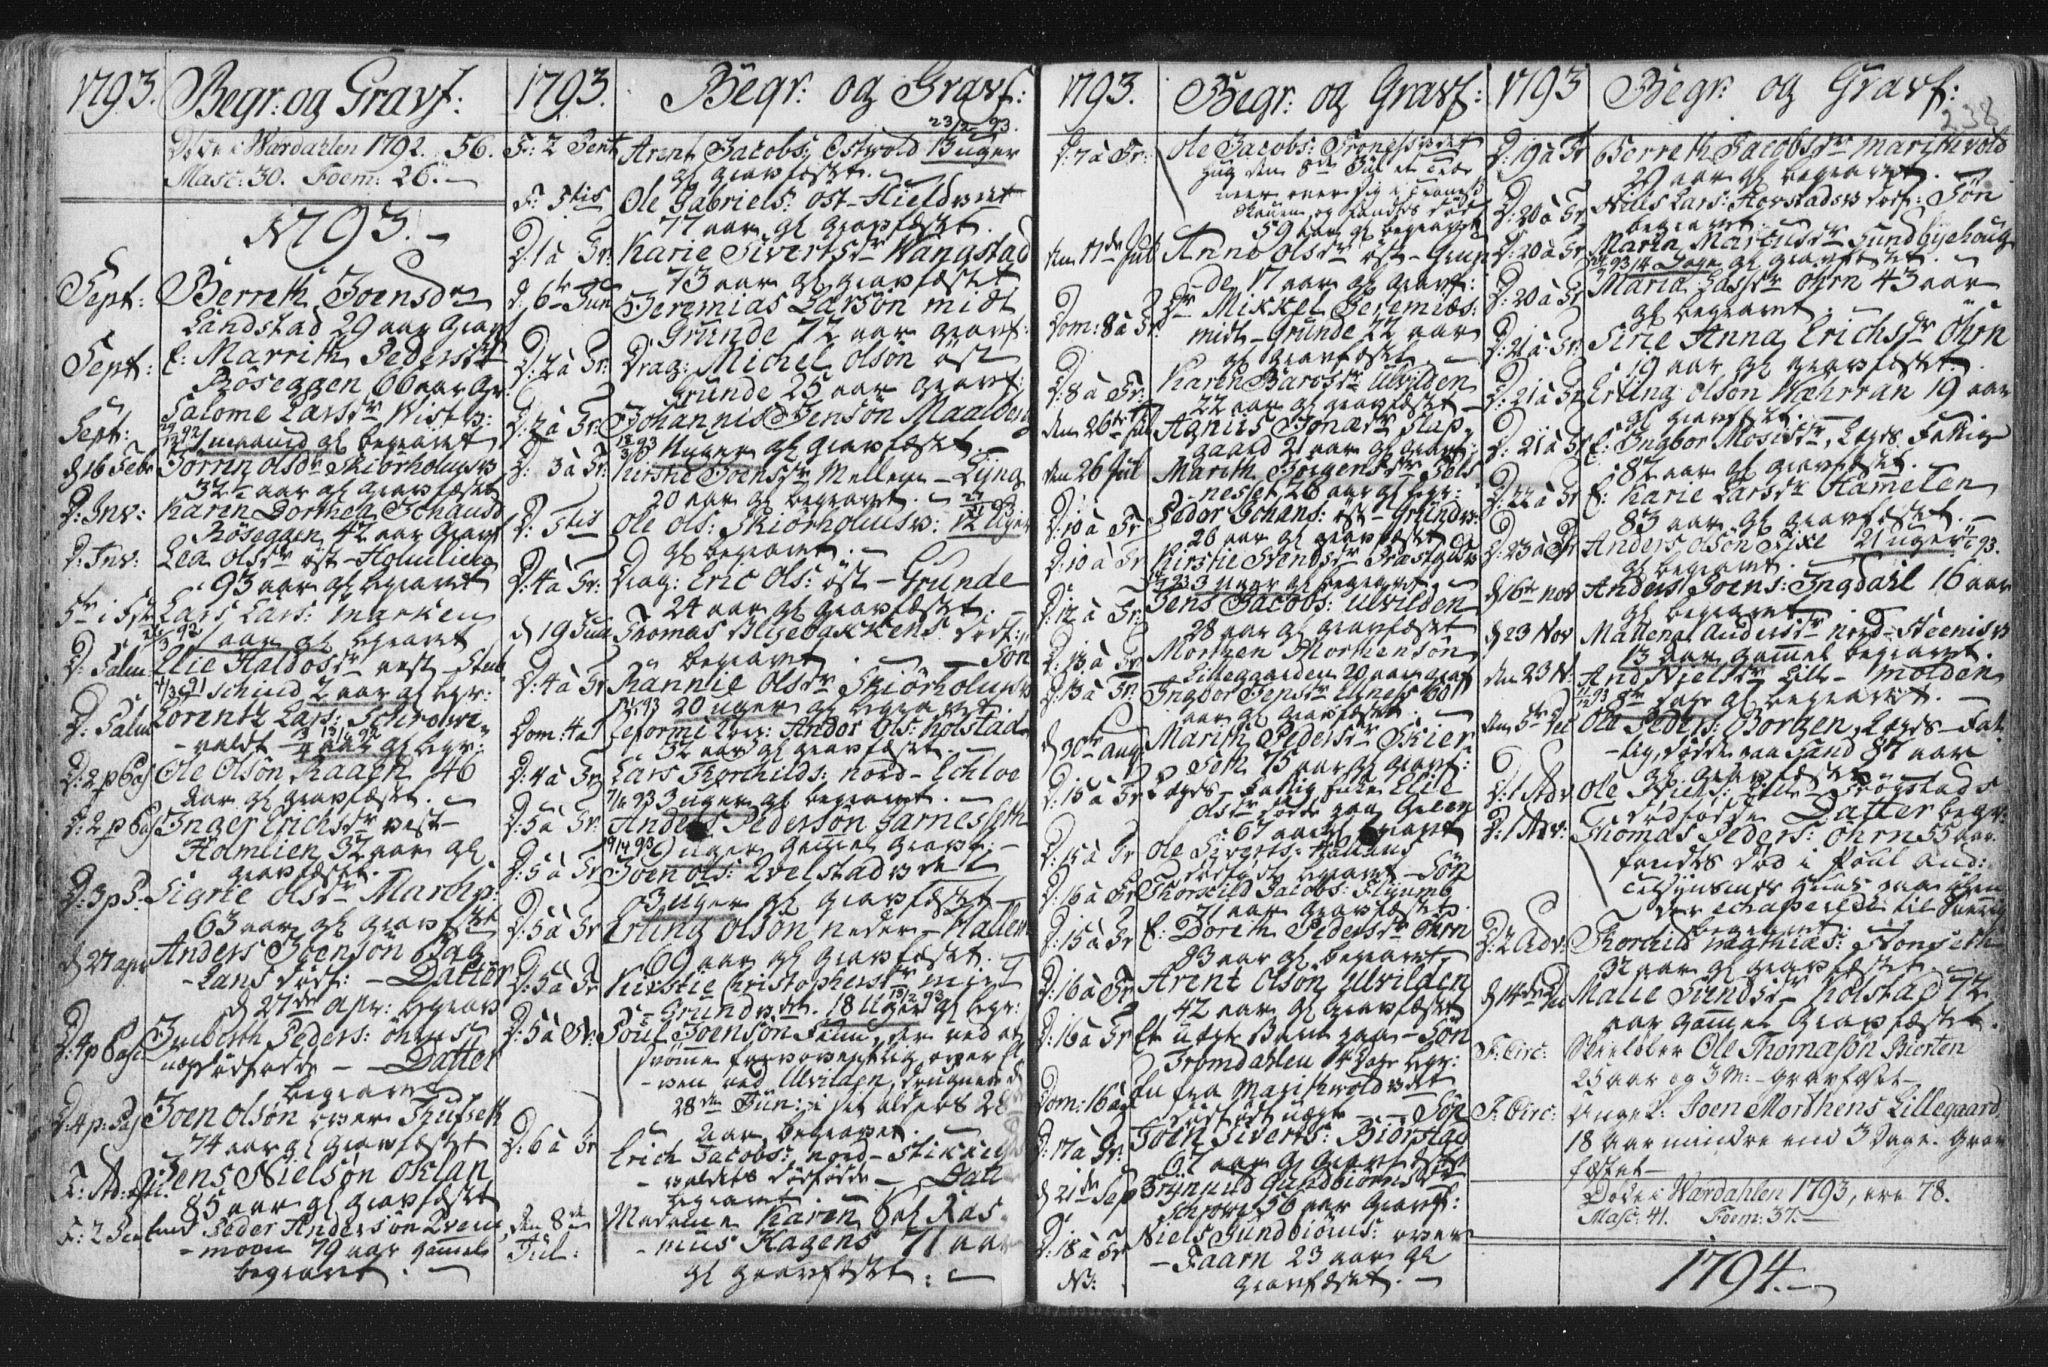 SAT, Ministerialprotokoller, klokkerbøker og fødselsregistre - Nord-Trøndelag, 723/L0232: Ministerialbok nr. 723A03, 1781-1804, s. 238